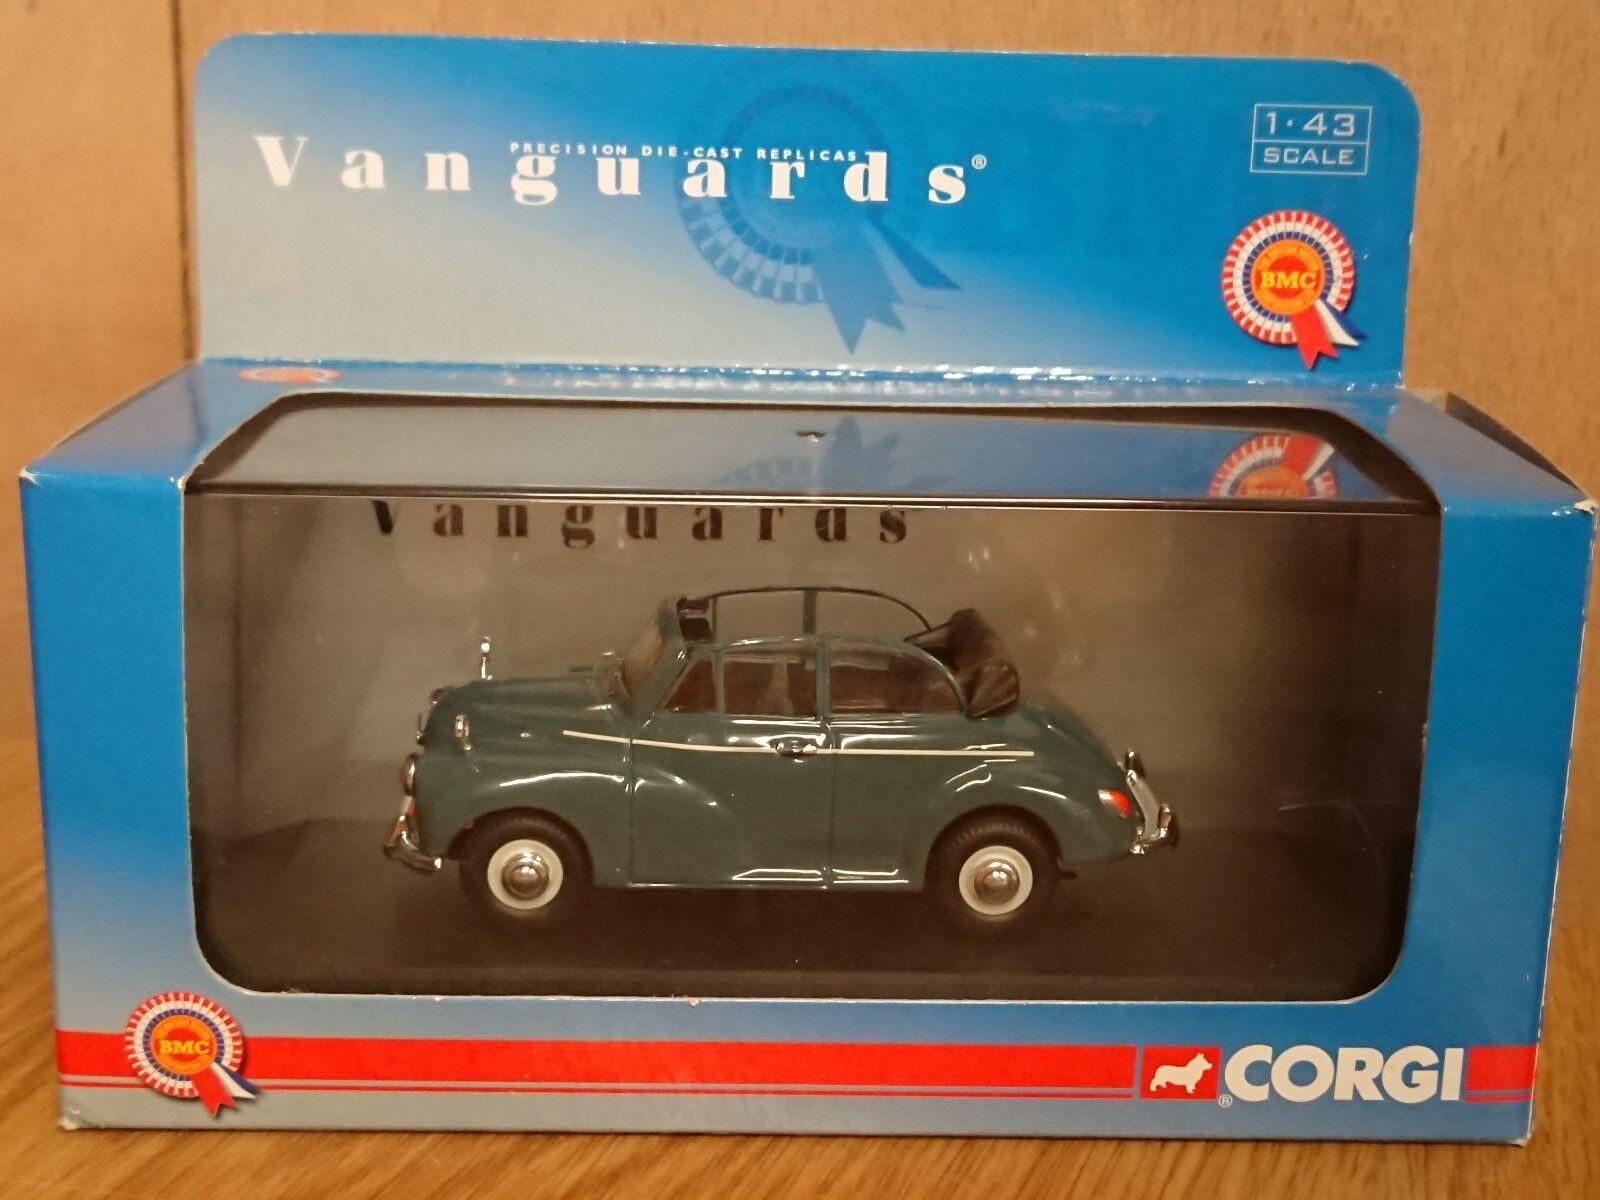 Corgi VA07103 Morris Minor Congreenible Clipper bluee Ltd Edition No. 0002 of 2860